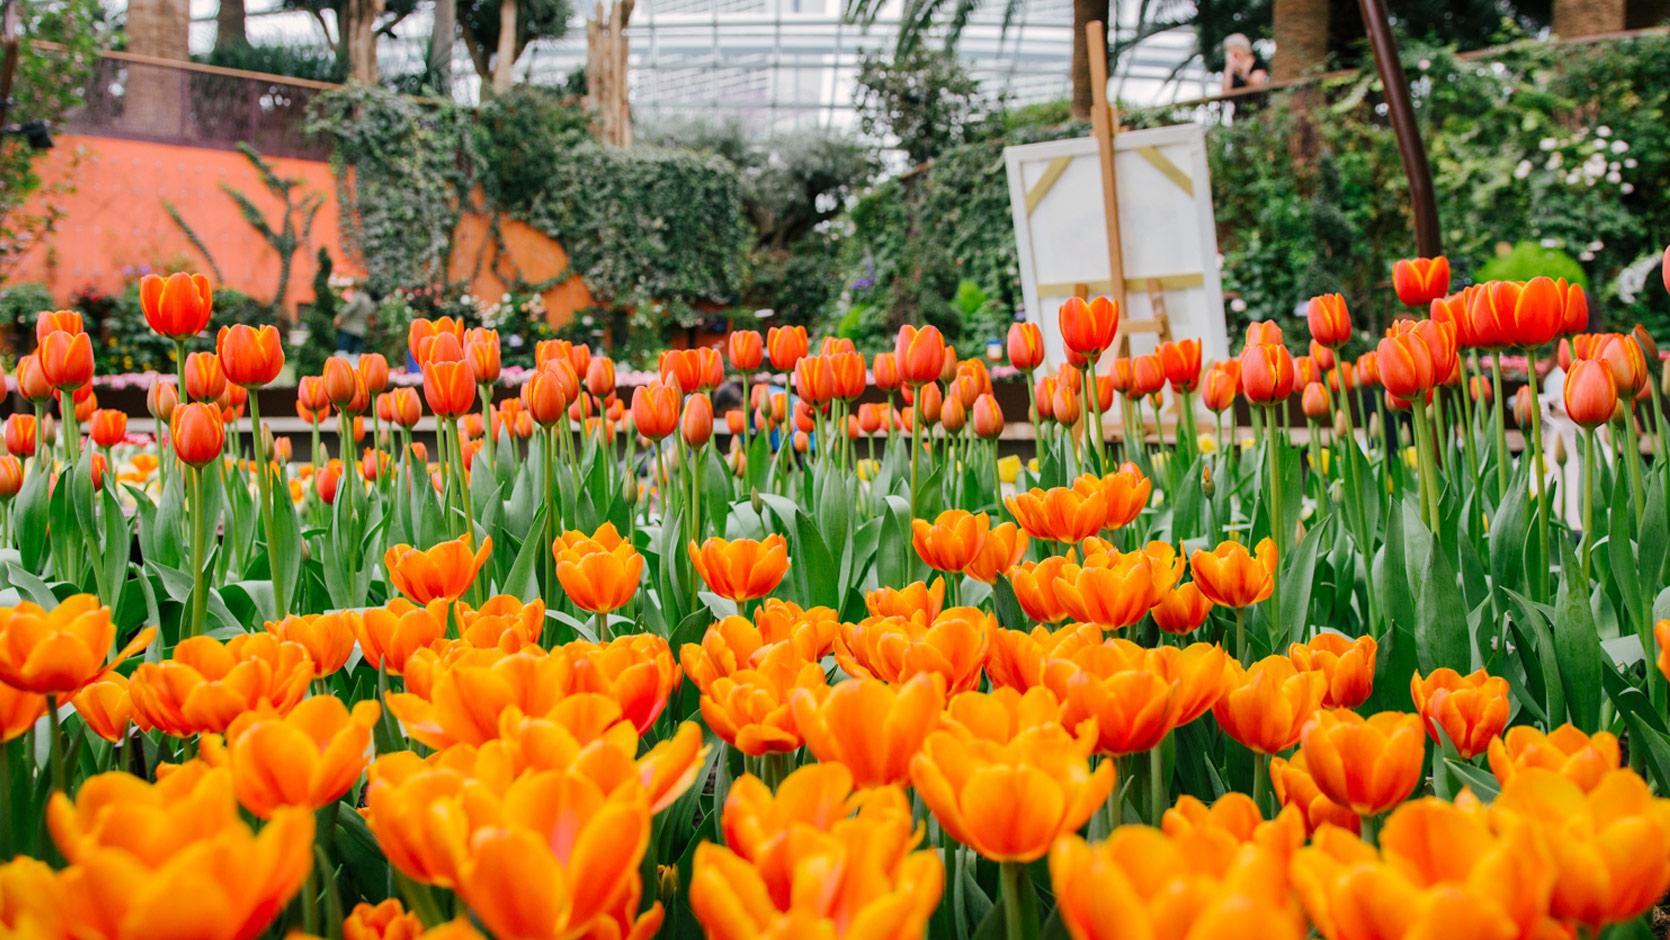 Tulipmania_carousel1-1670x940.jpg